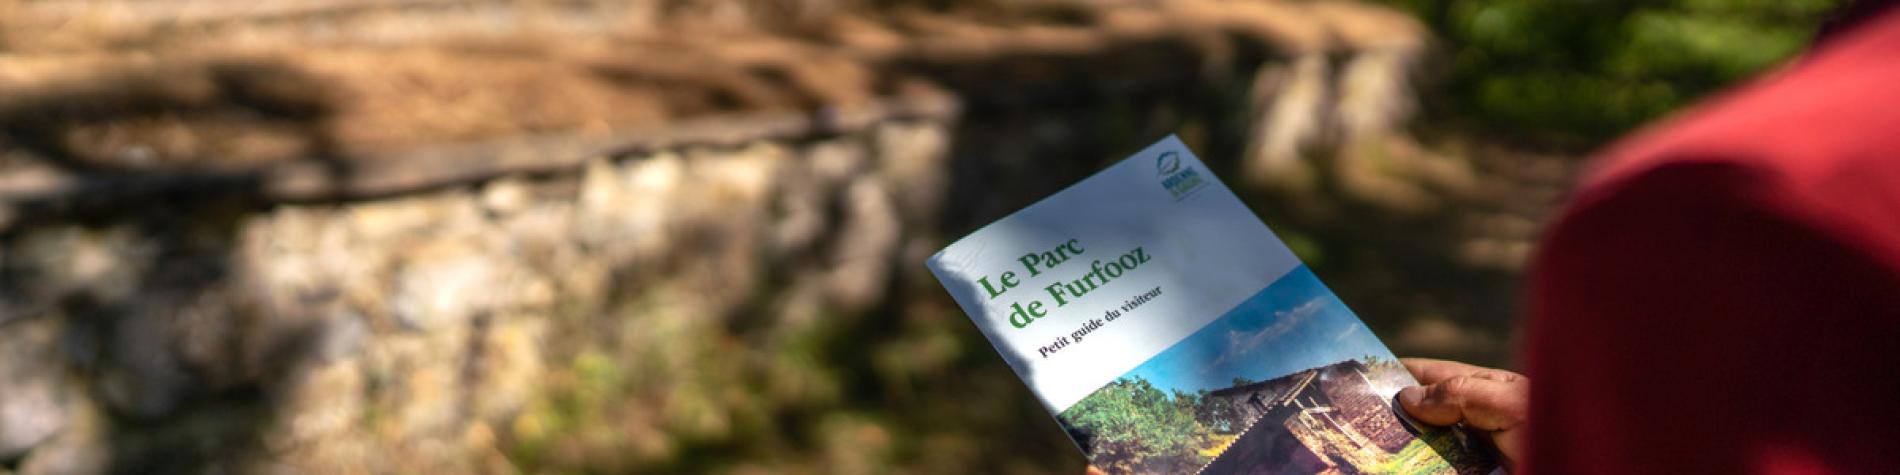 Parc de Furfooz - Vue du guide du parc devant les thermes